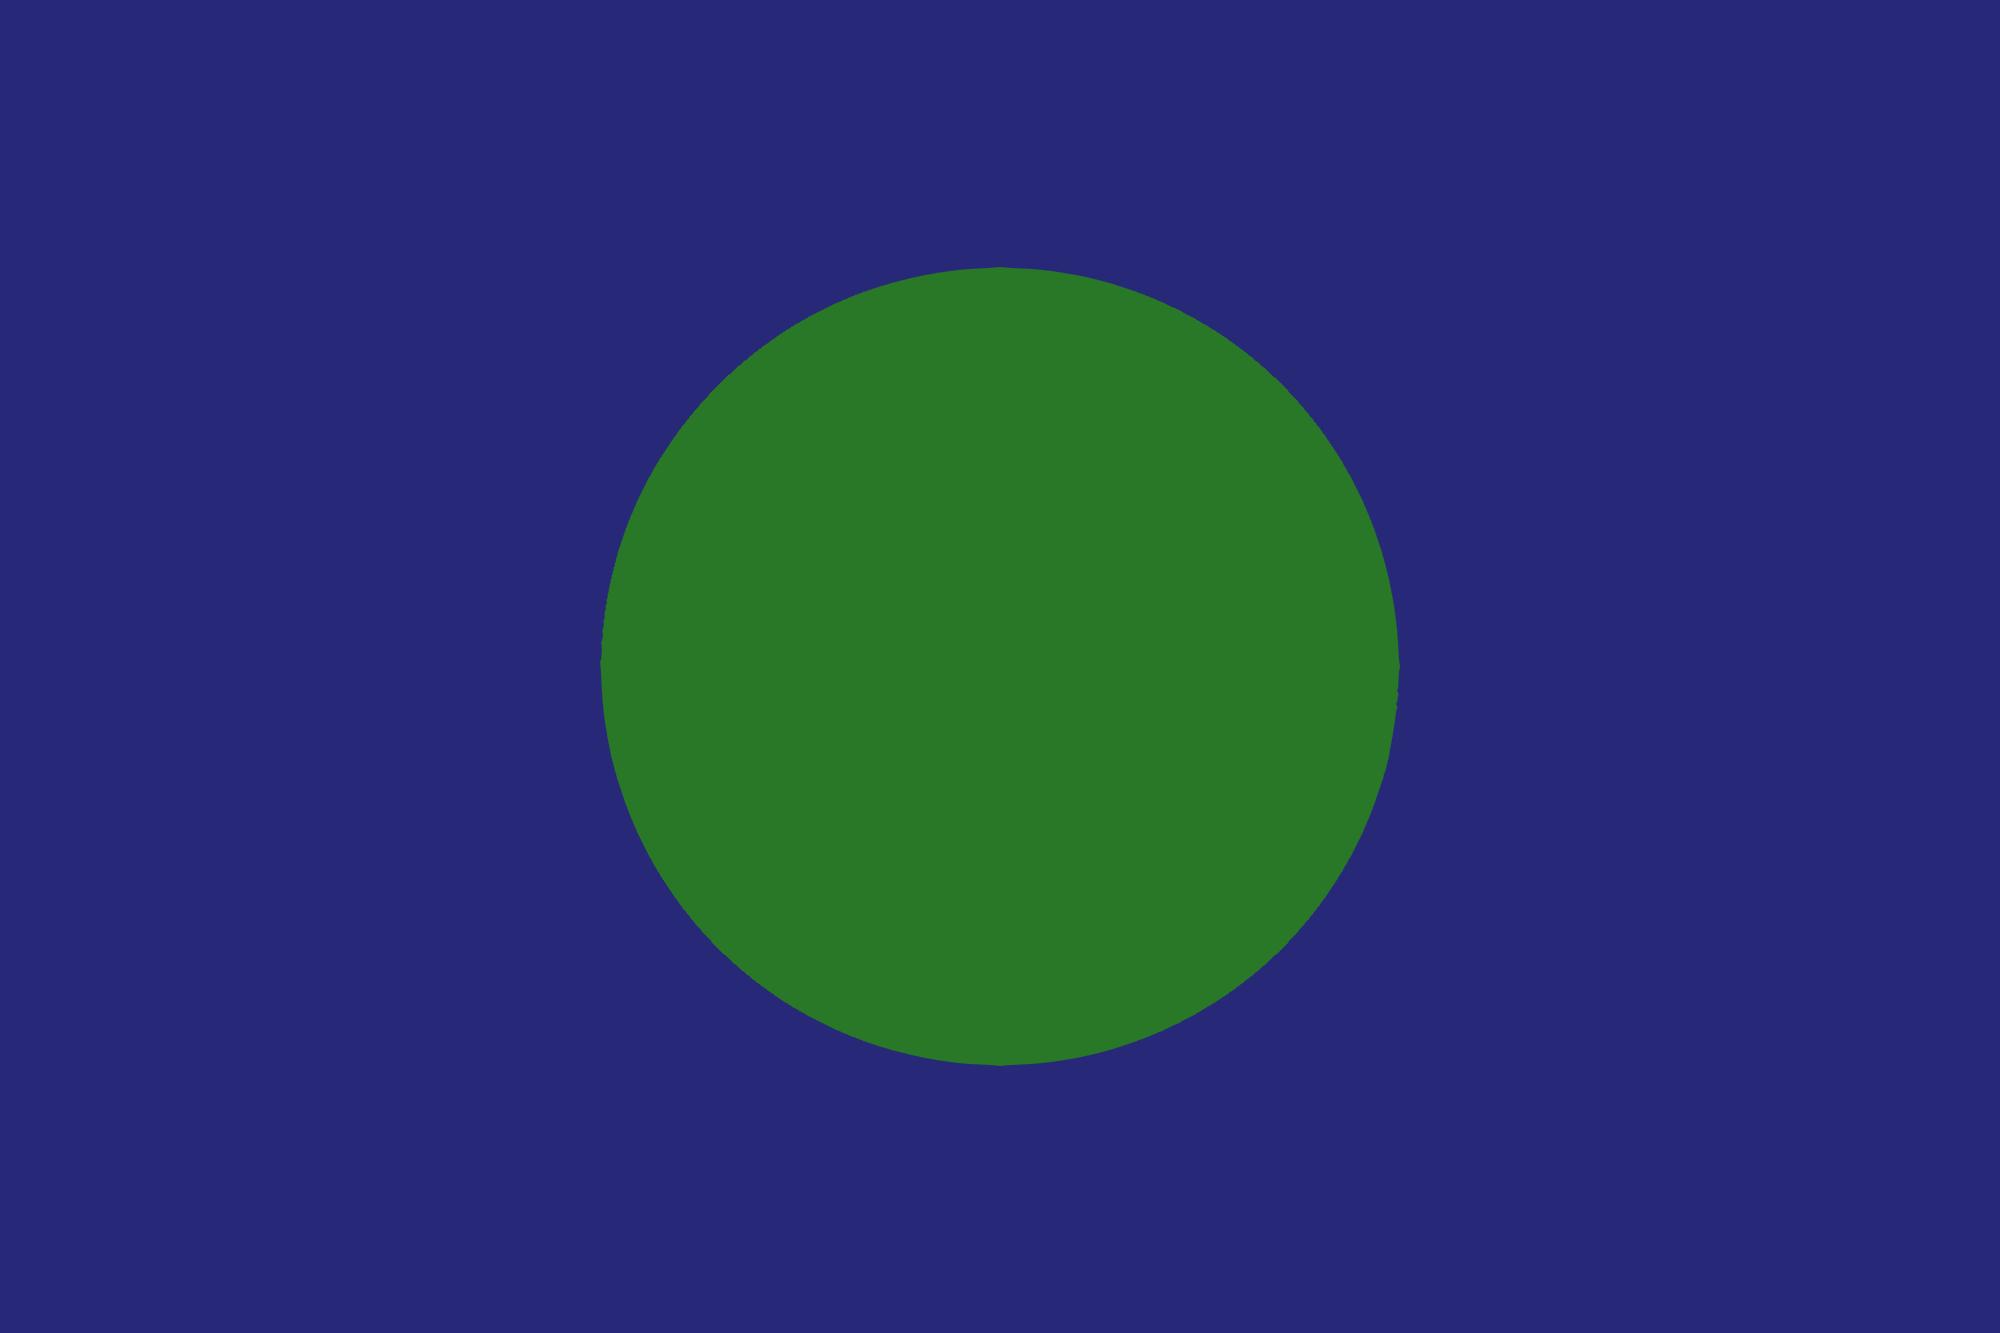 マリモの日本国旗